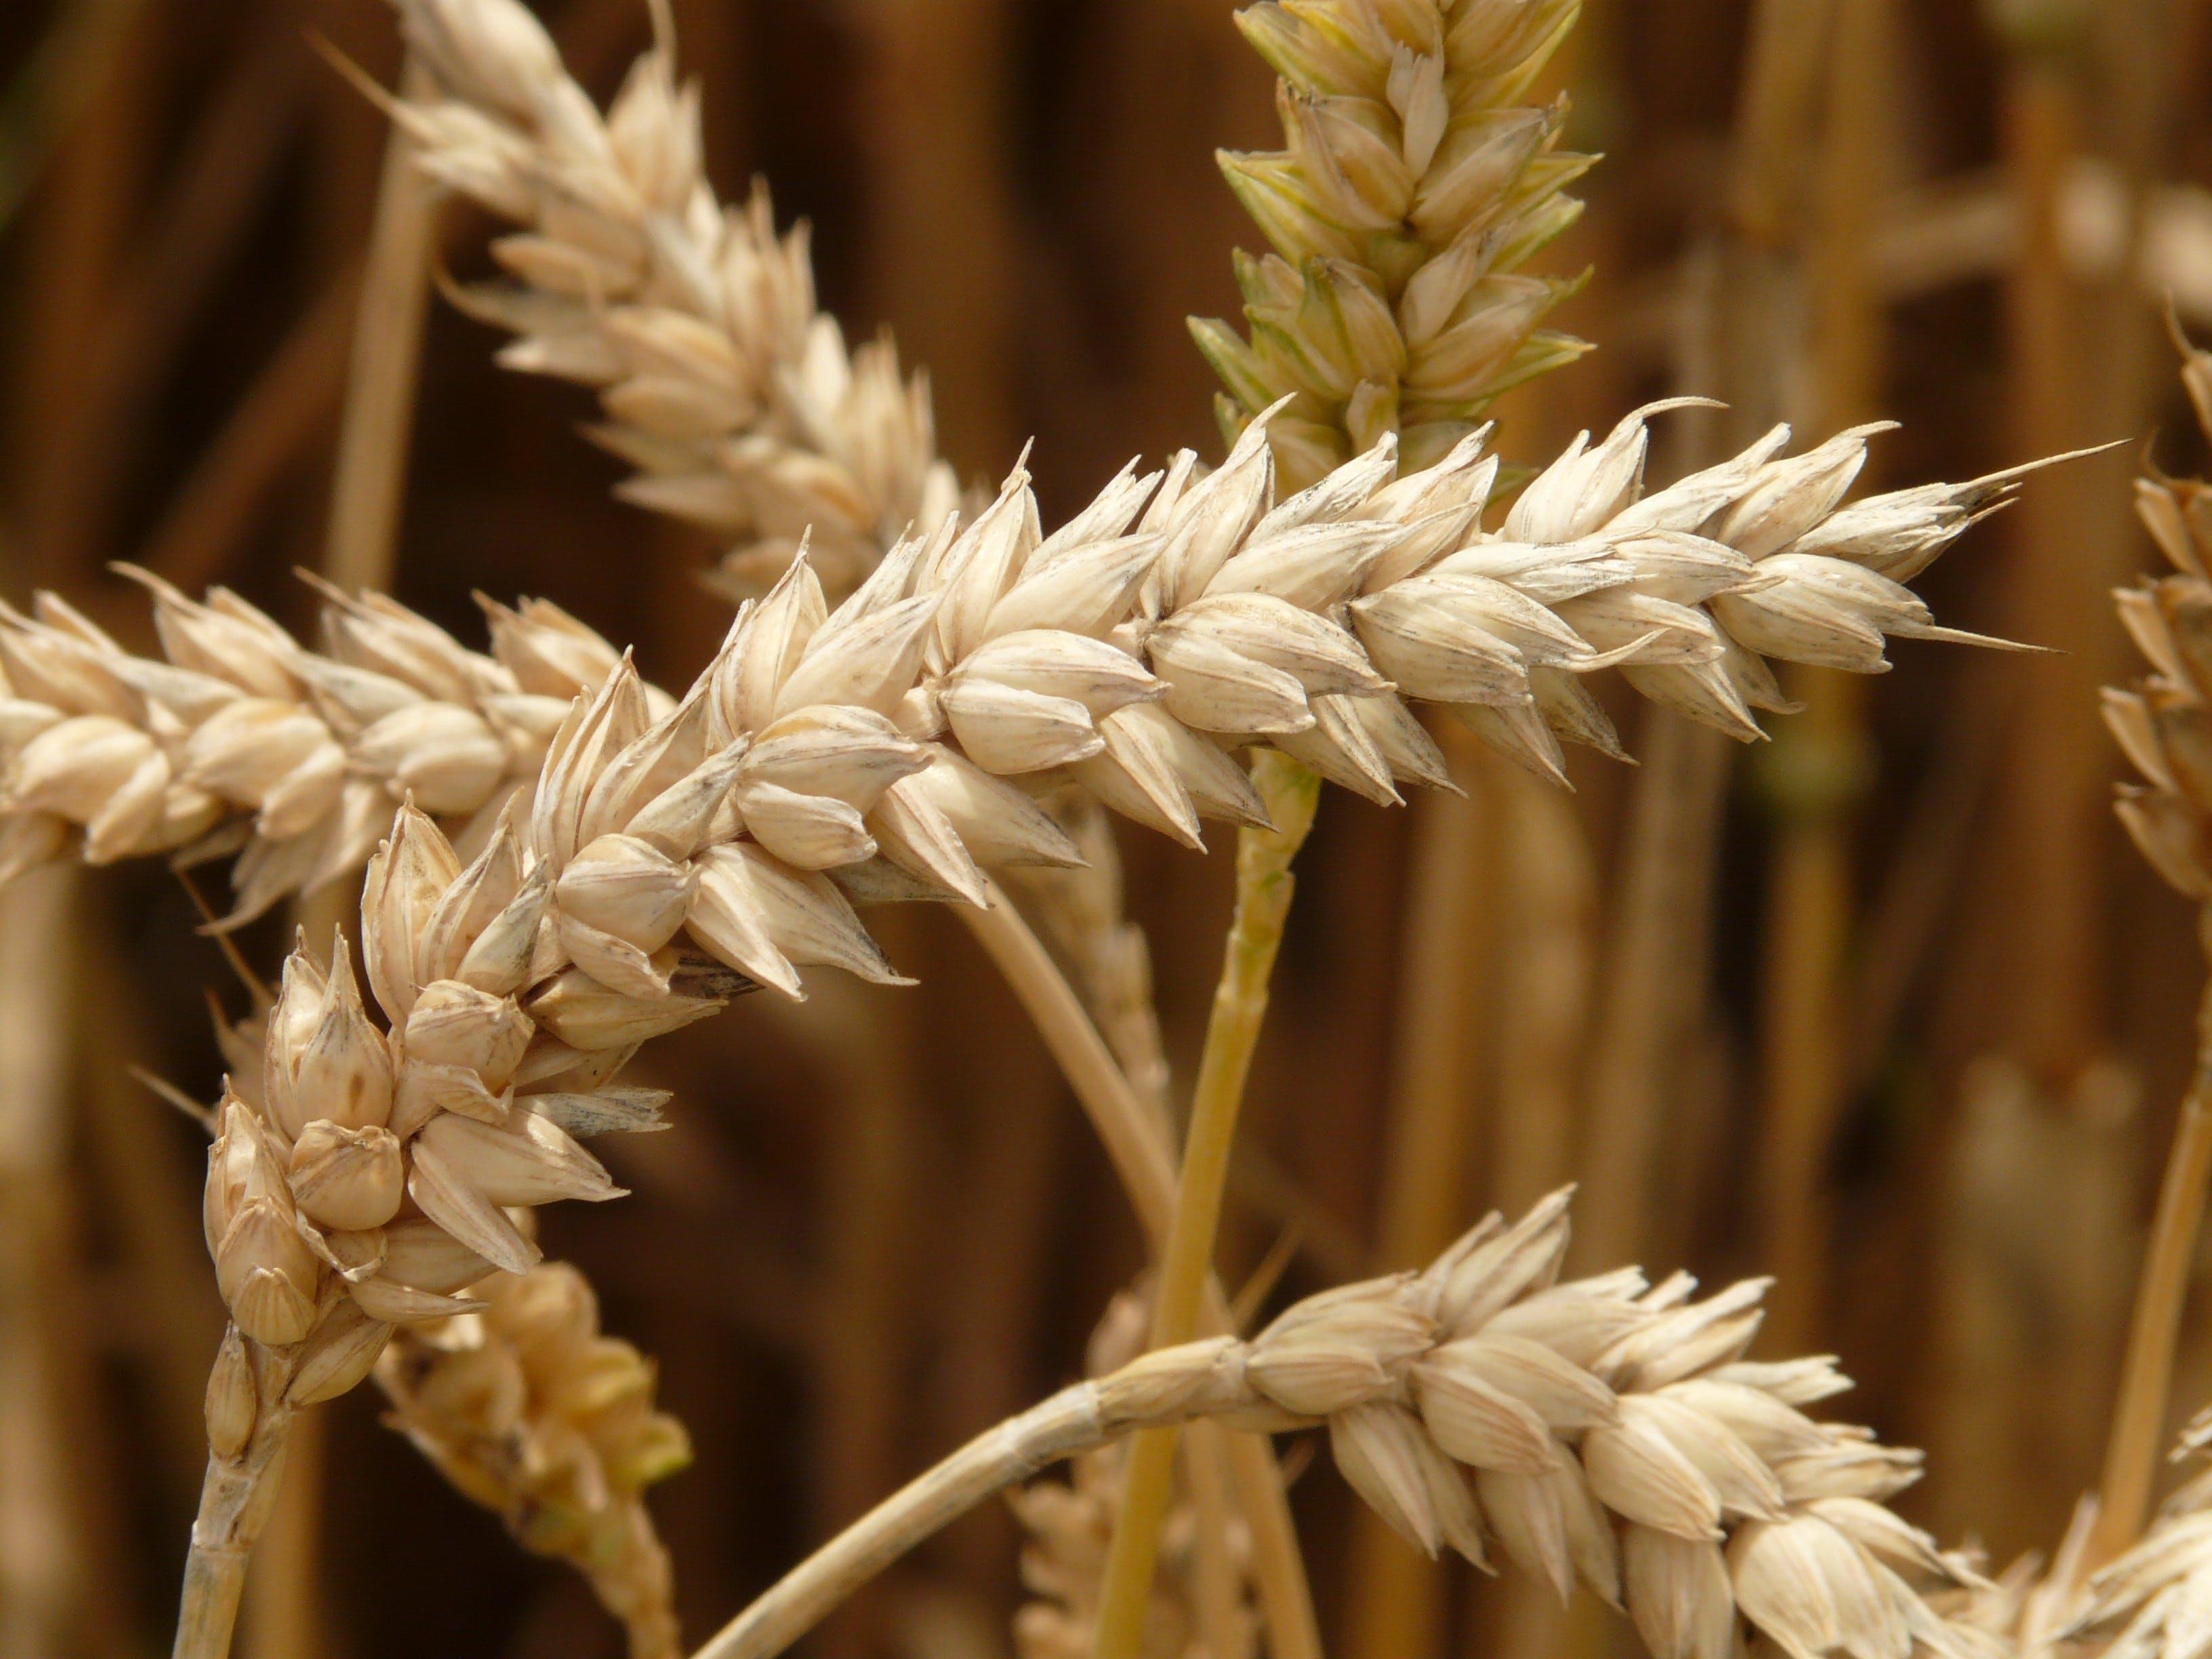 Brown Wheat Grain